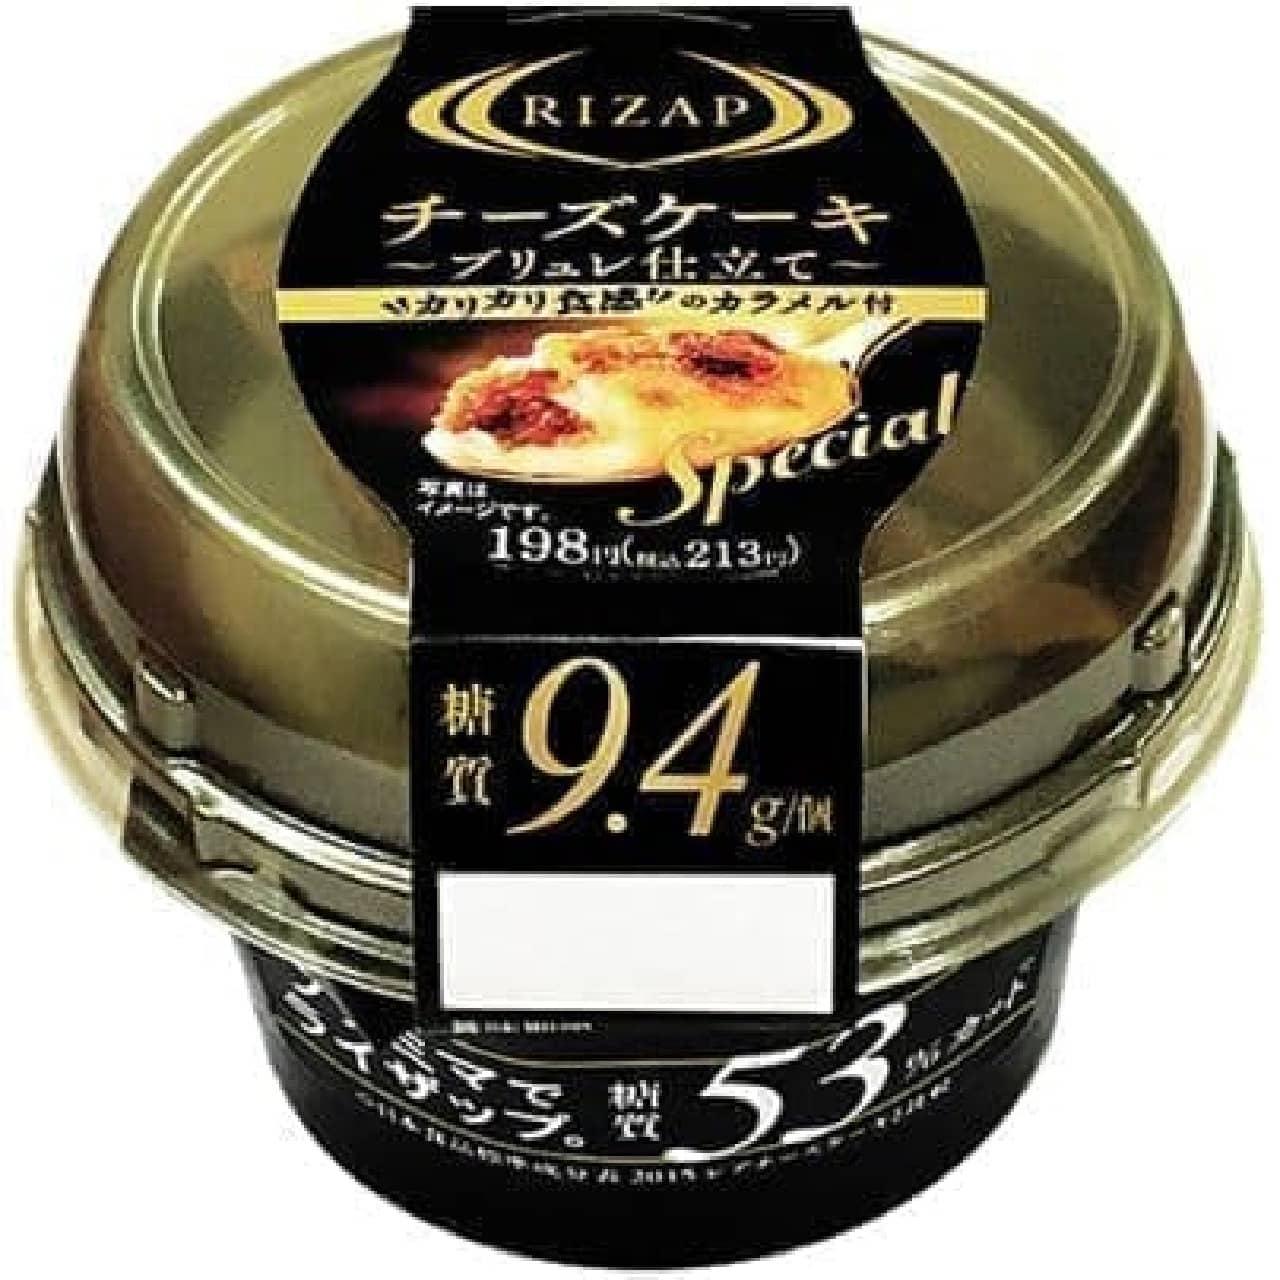 ファミリーマート「RIZAP チーズケーキSpecialブリュレ仕立て」